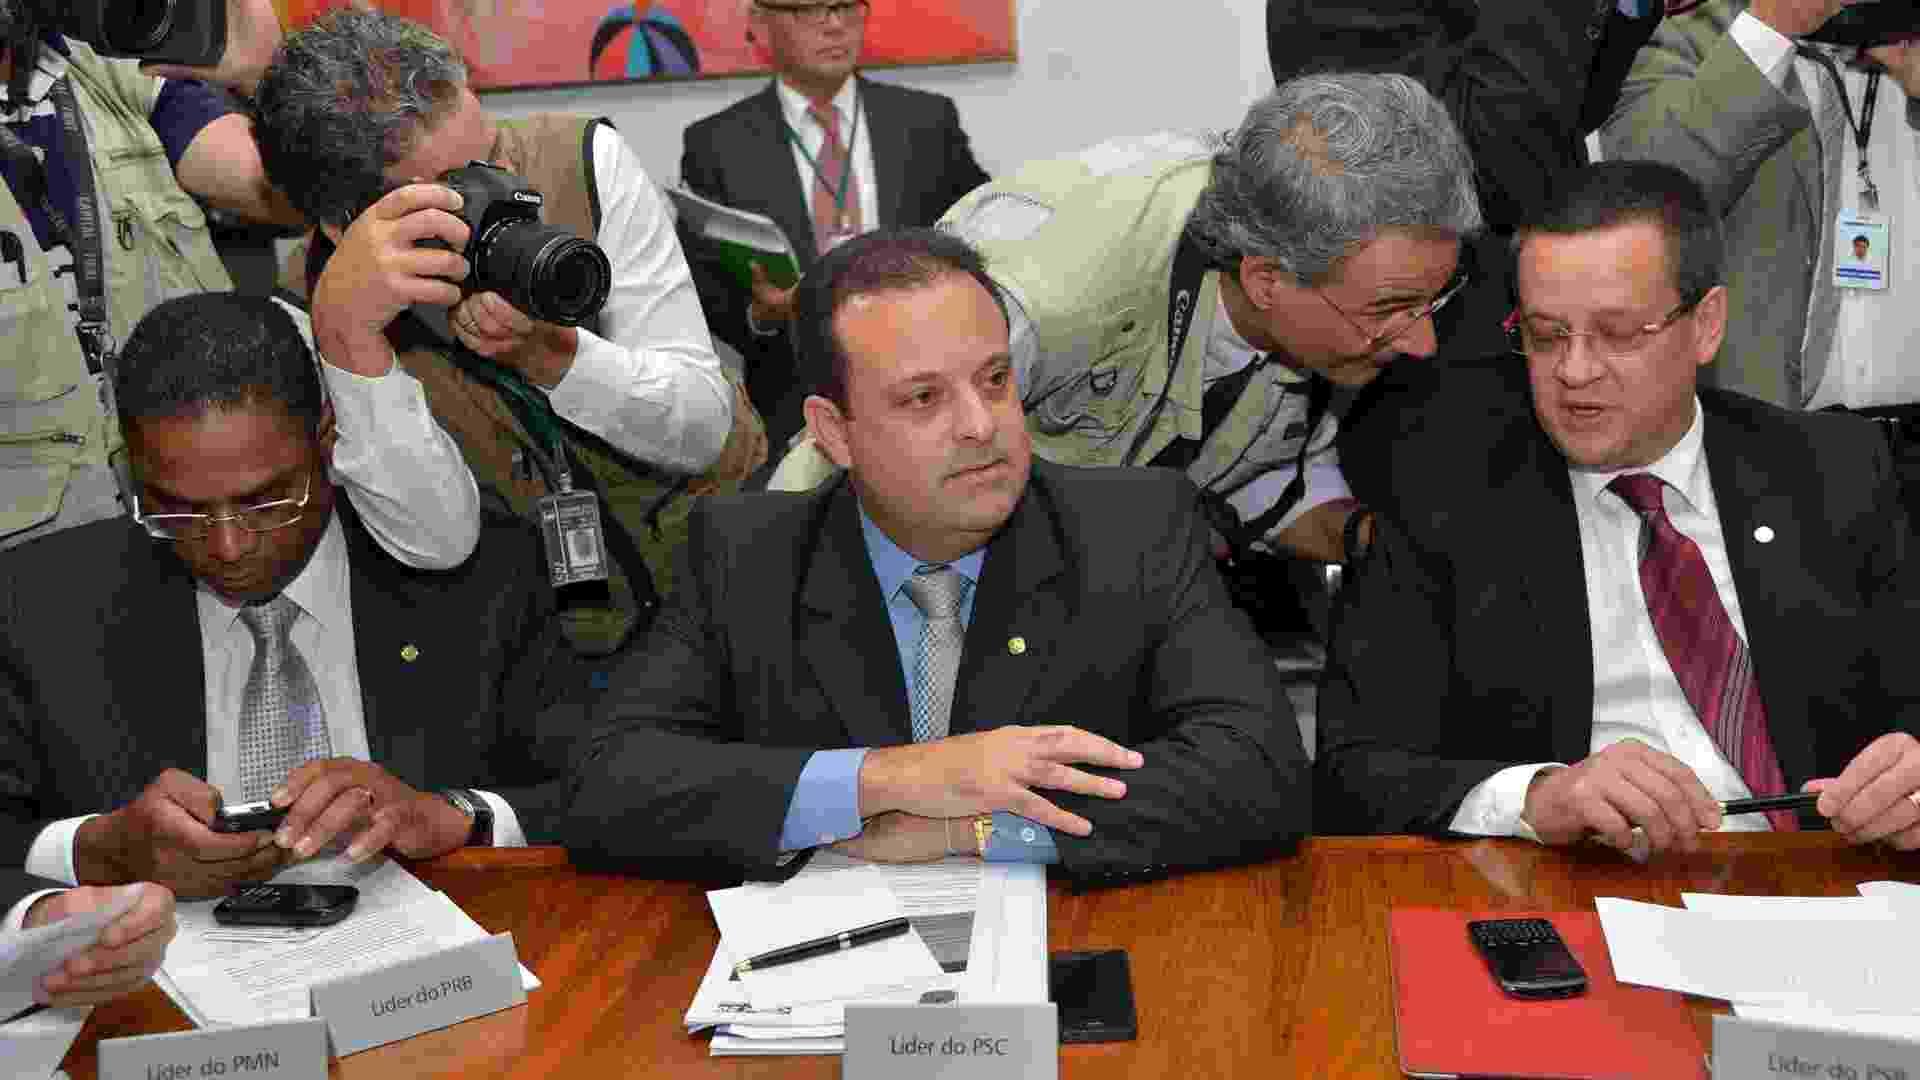 26.mar.2013 - Líderes de bancadas se reúnem na presidência da Câmara dos Deputados. Ao centro, o líder do PSC na Casa, André Moura - Wilson Dias/Agência Brasil